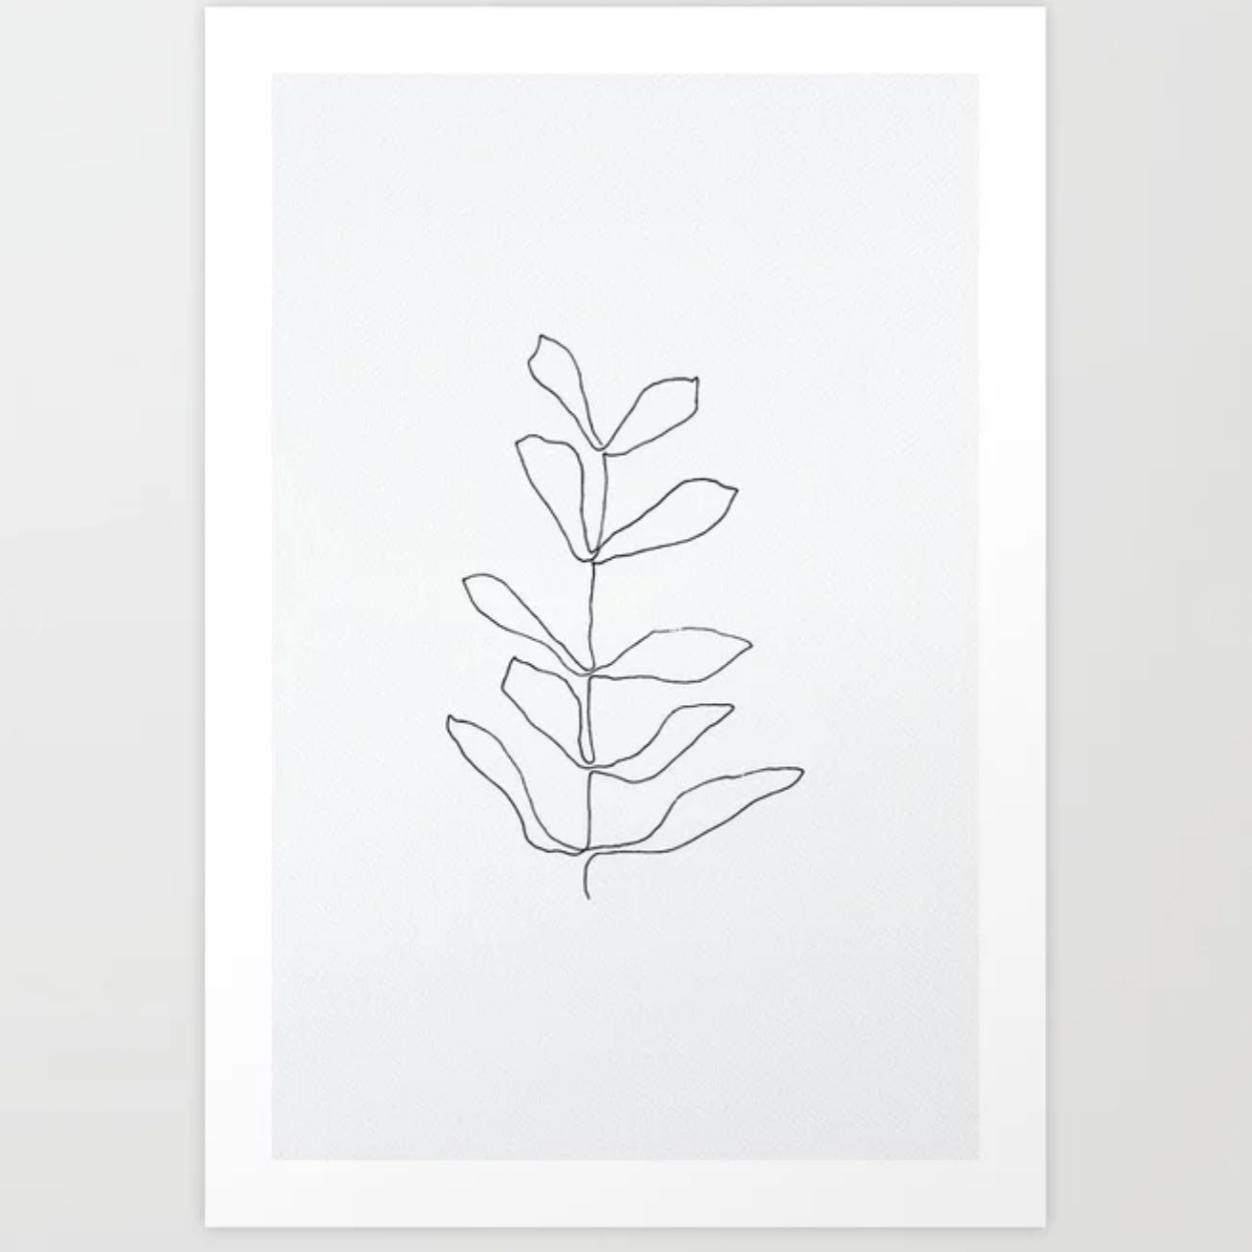 leaf line drawing poster by life i design.jpg